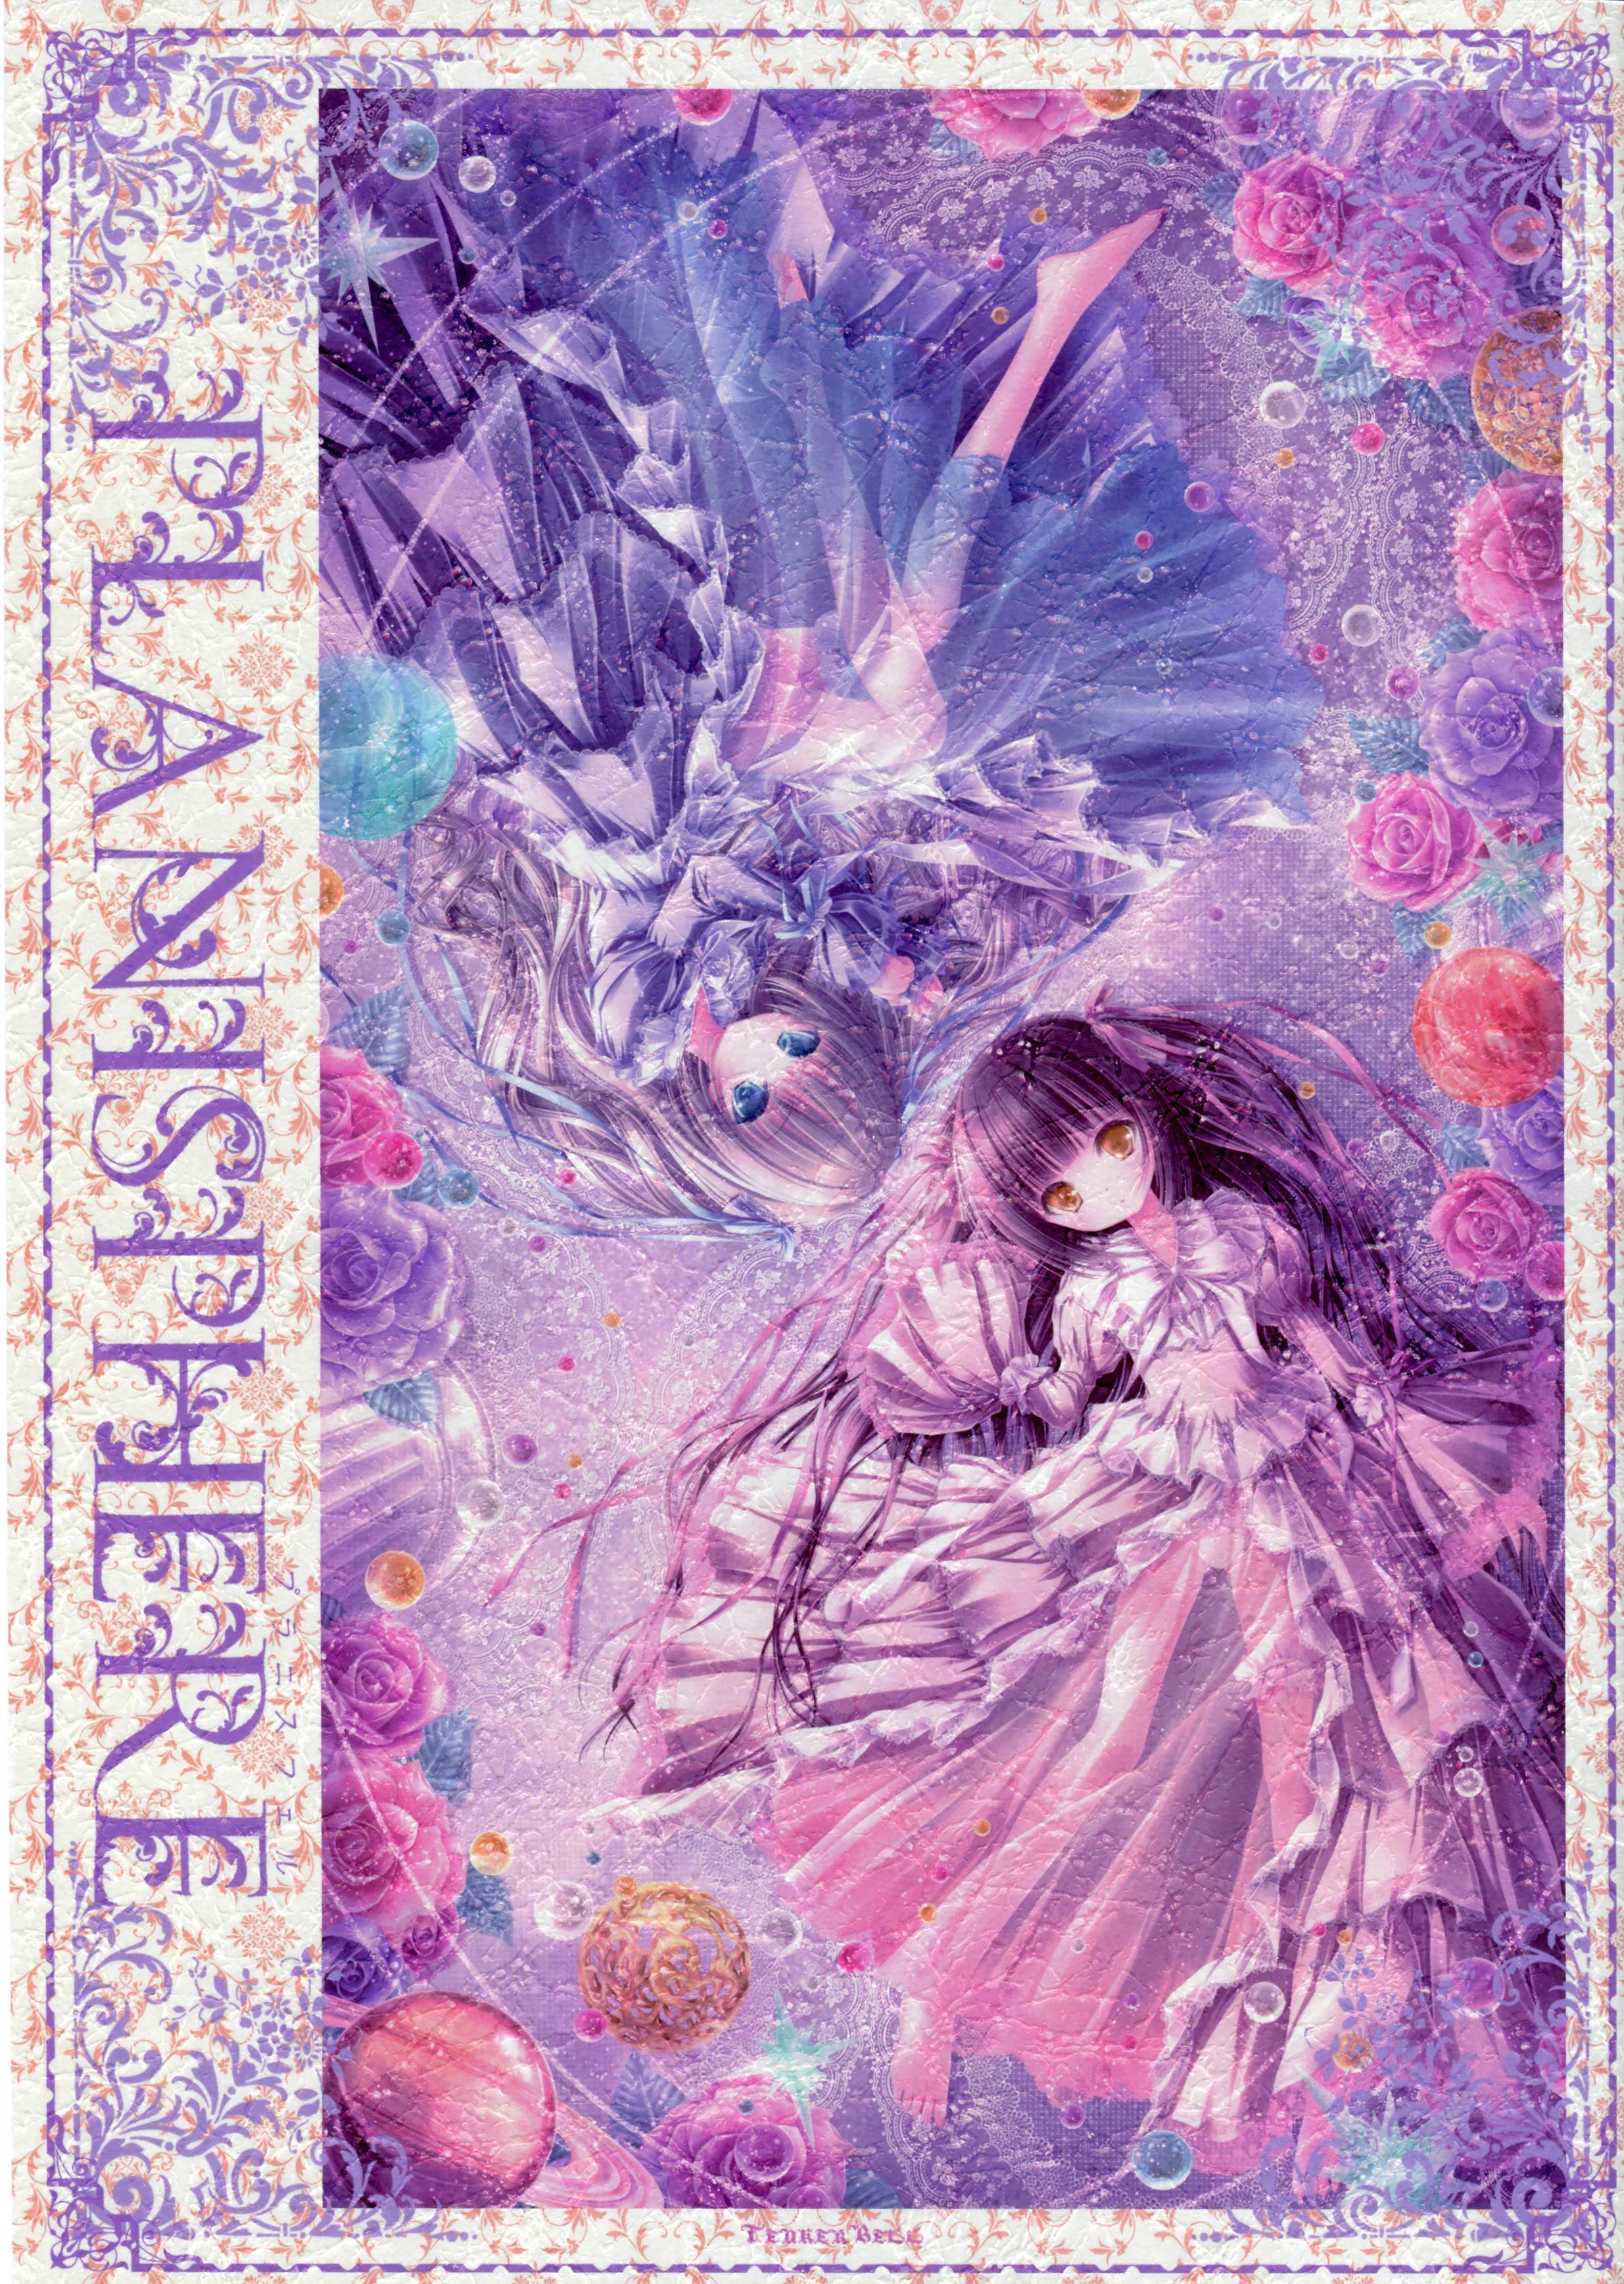 tinkerbell mobile wallpaper 1405941  zerochan anime